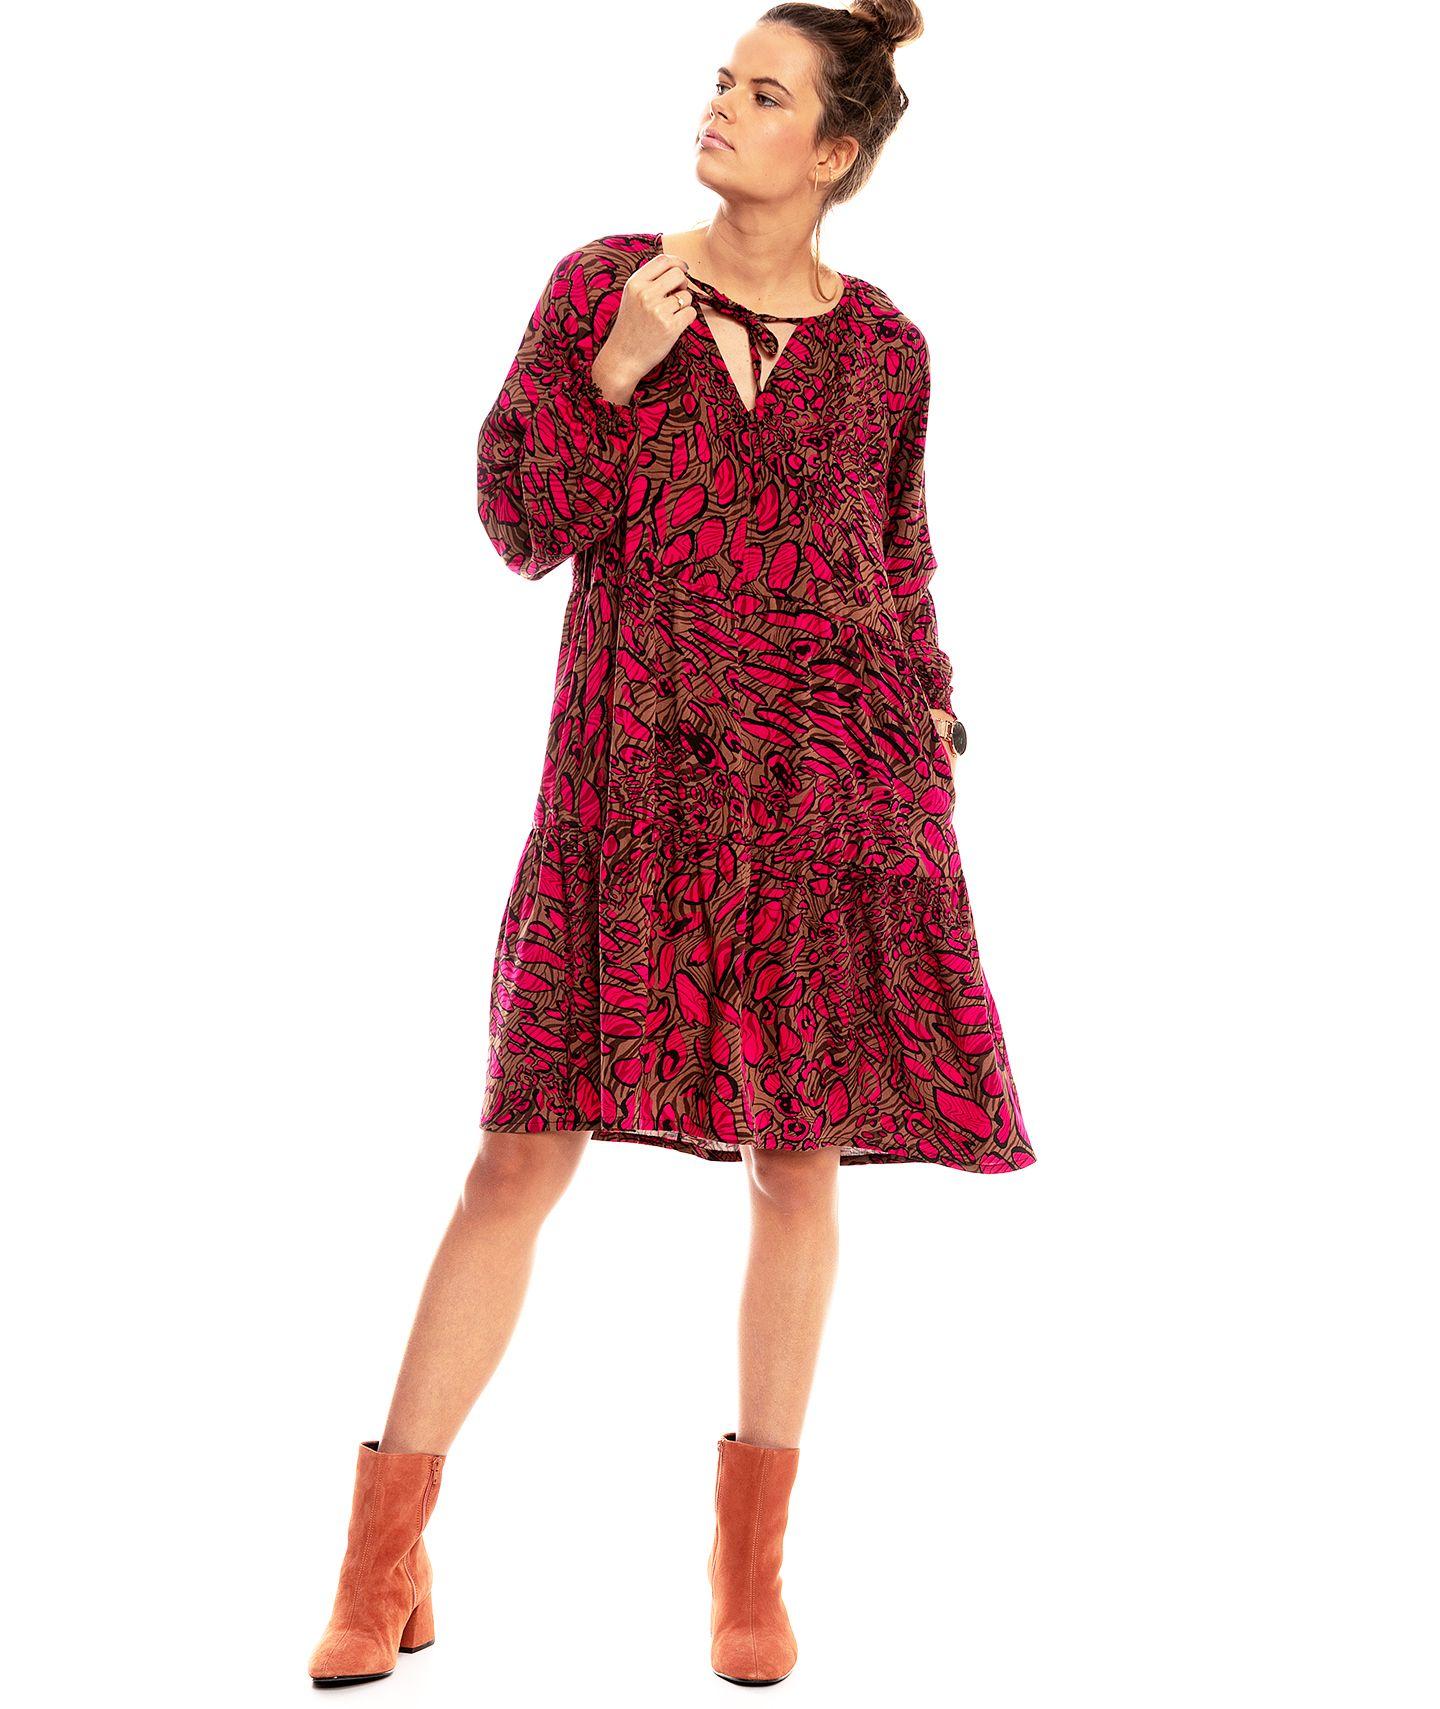 sukienka ROSA DRESS ltd